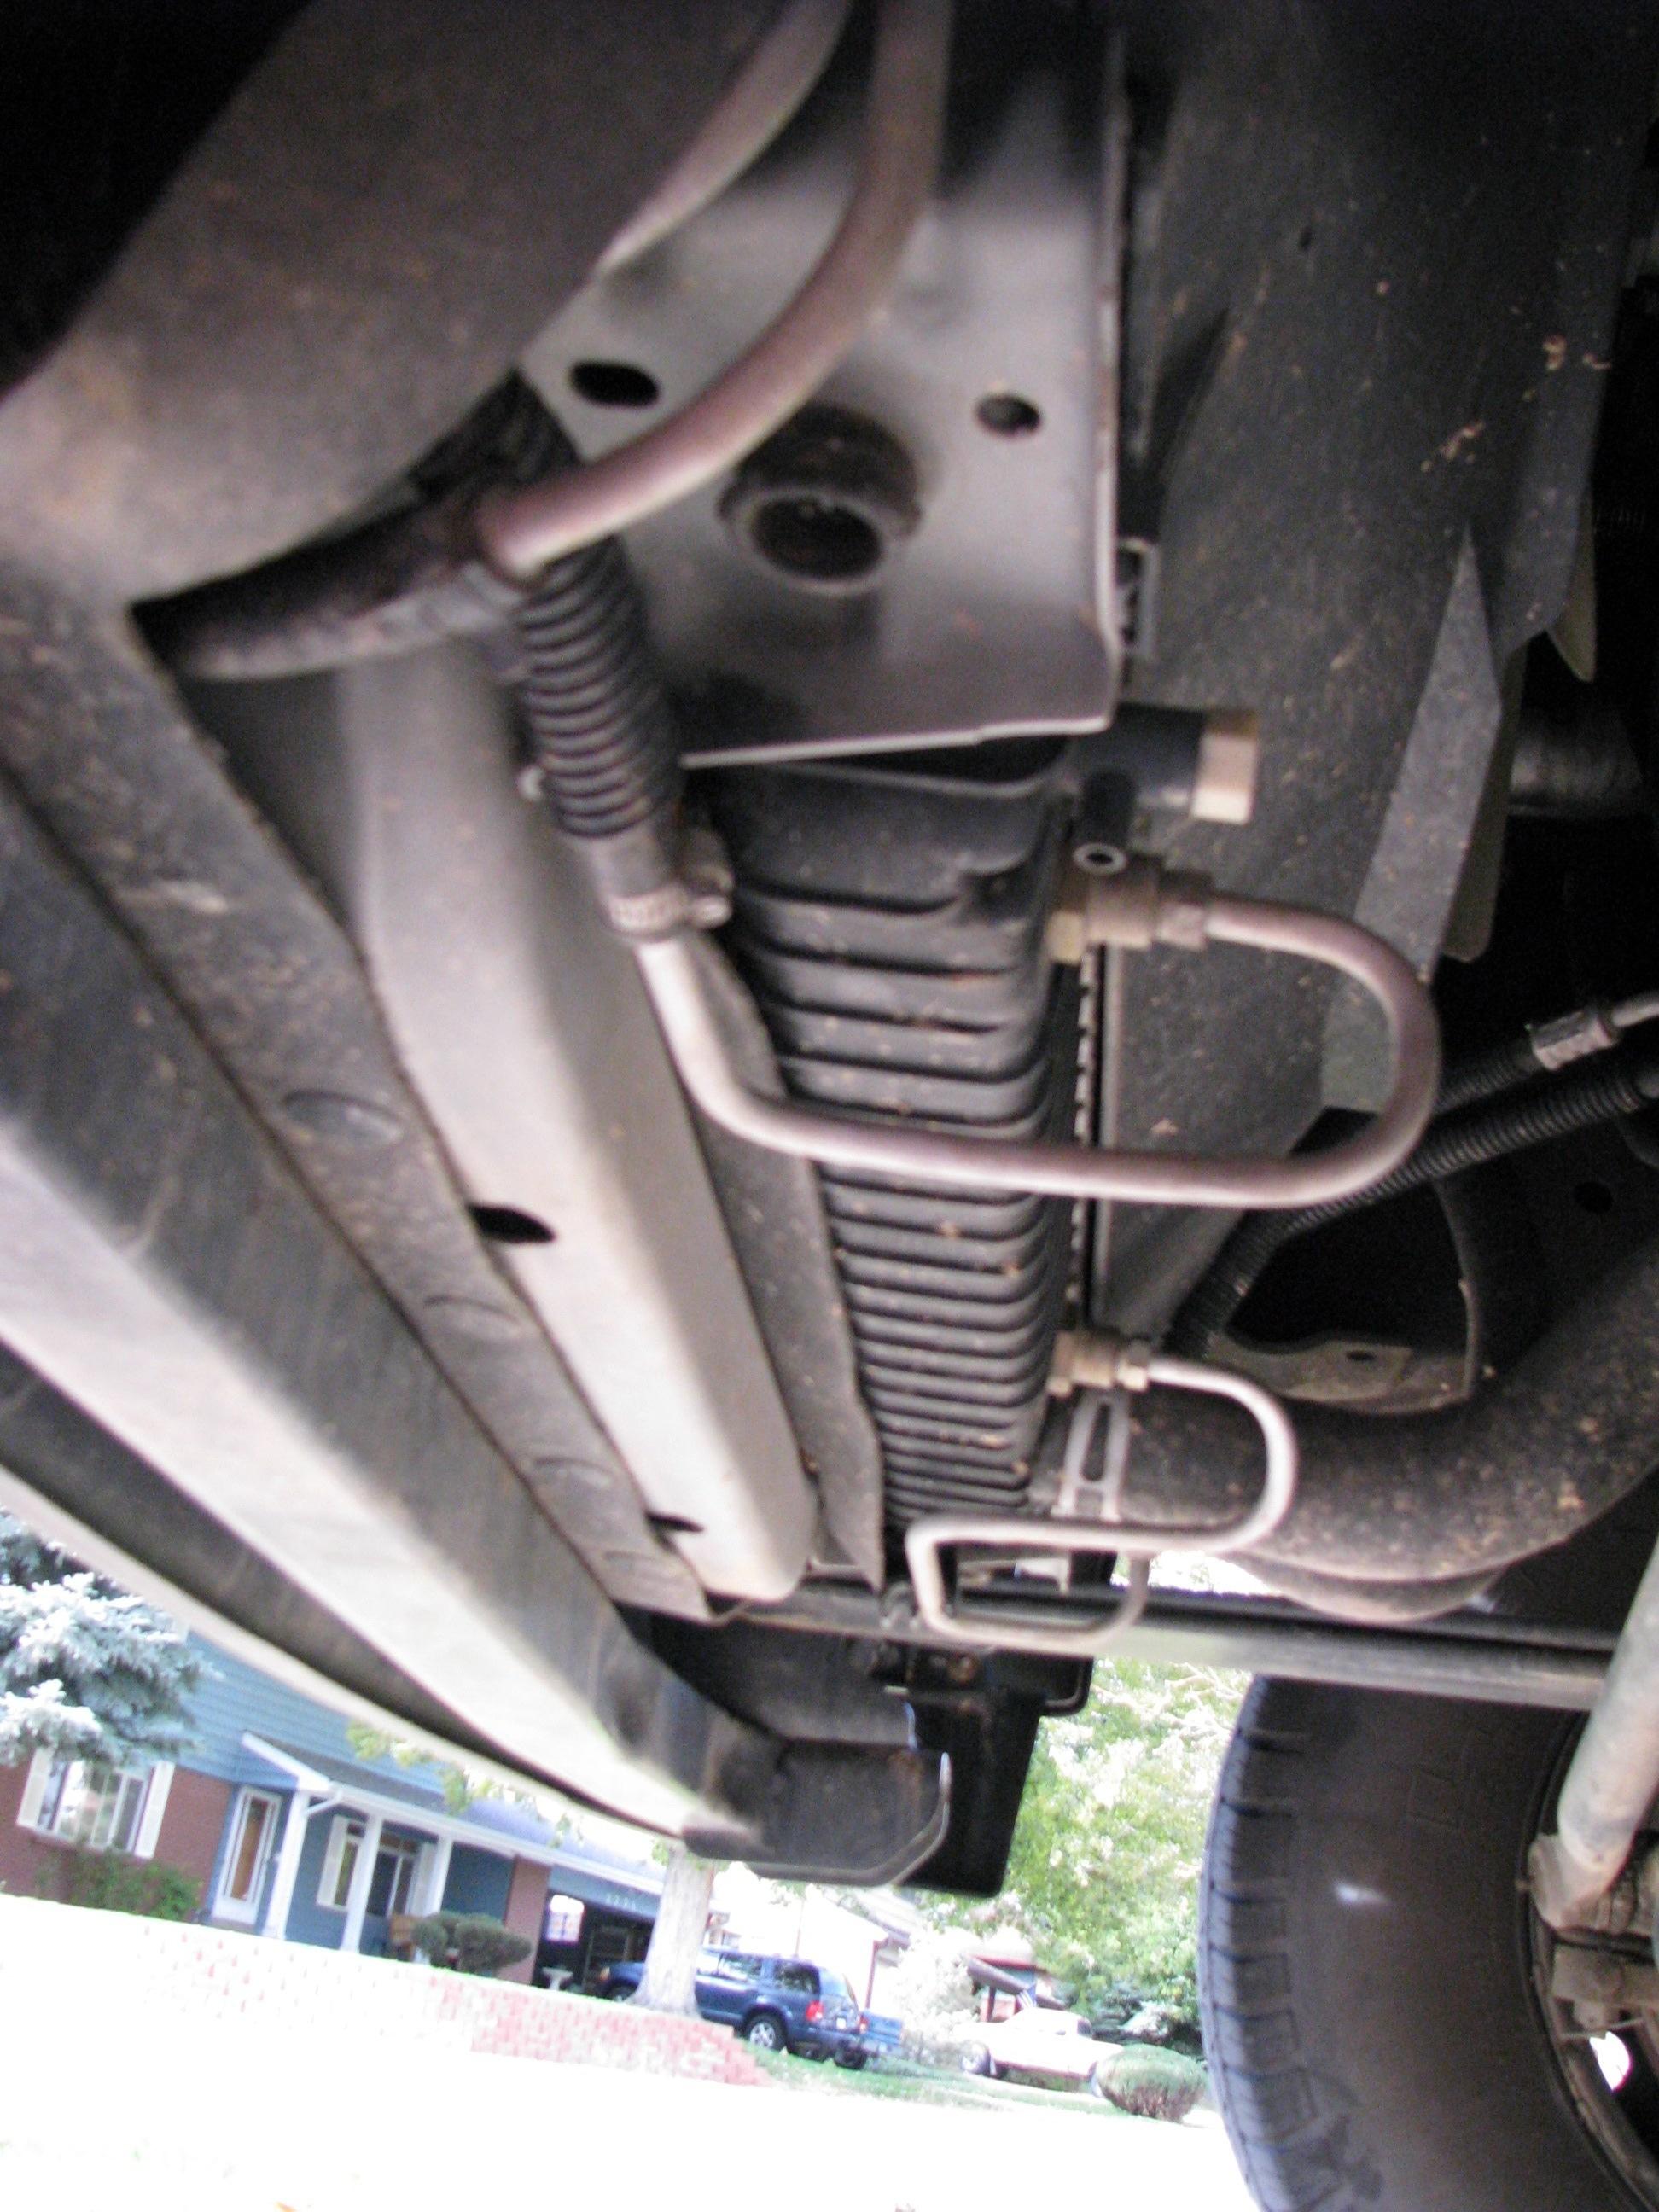 2006 ford f250 transmission cooler lines